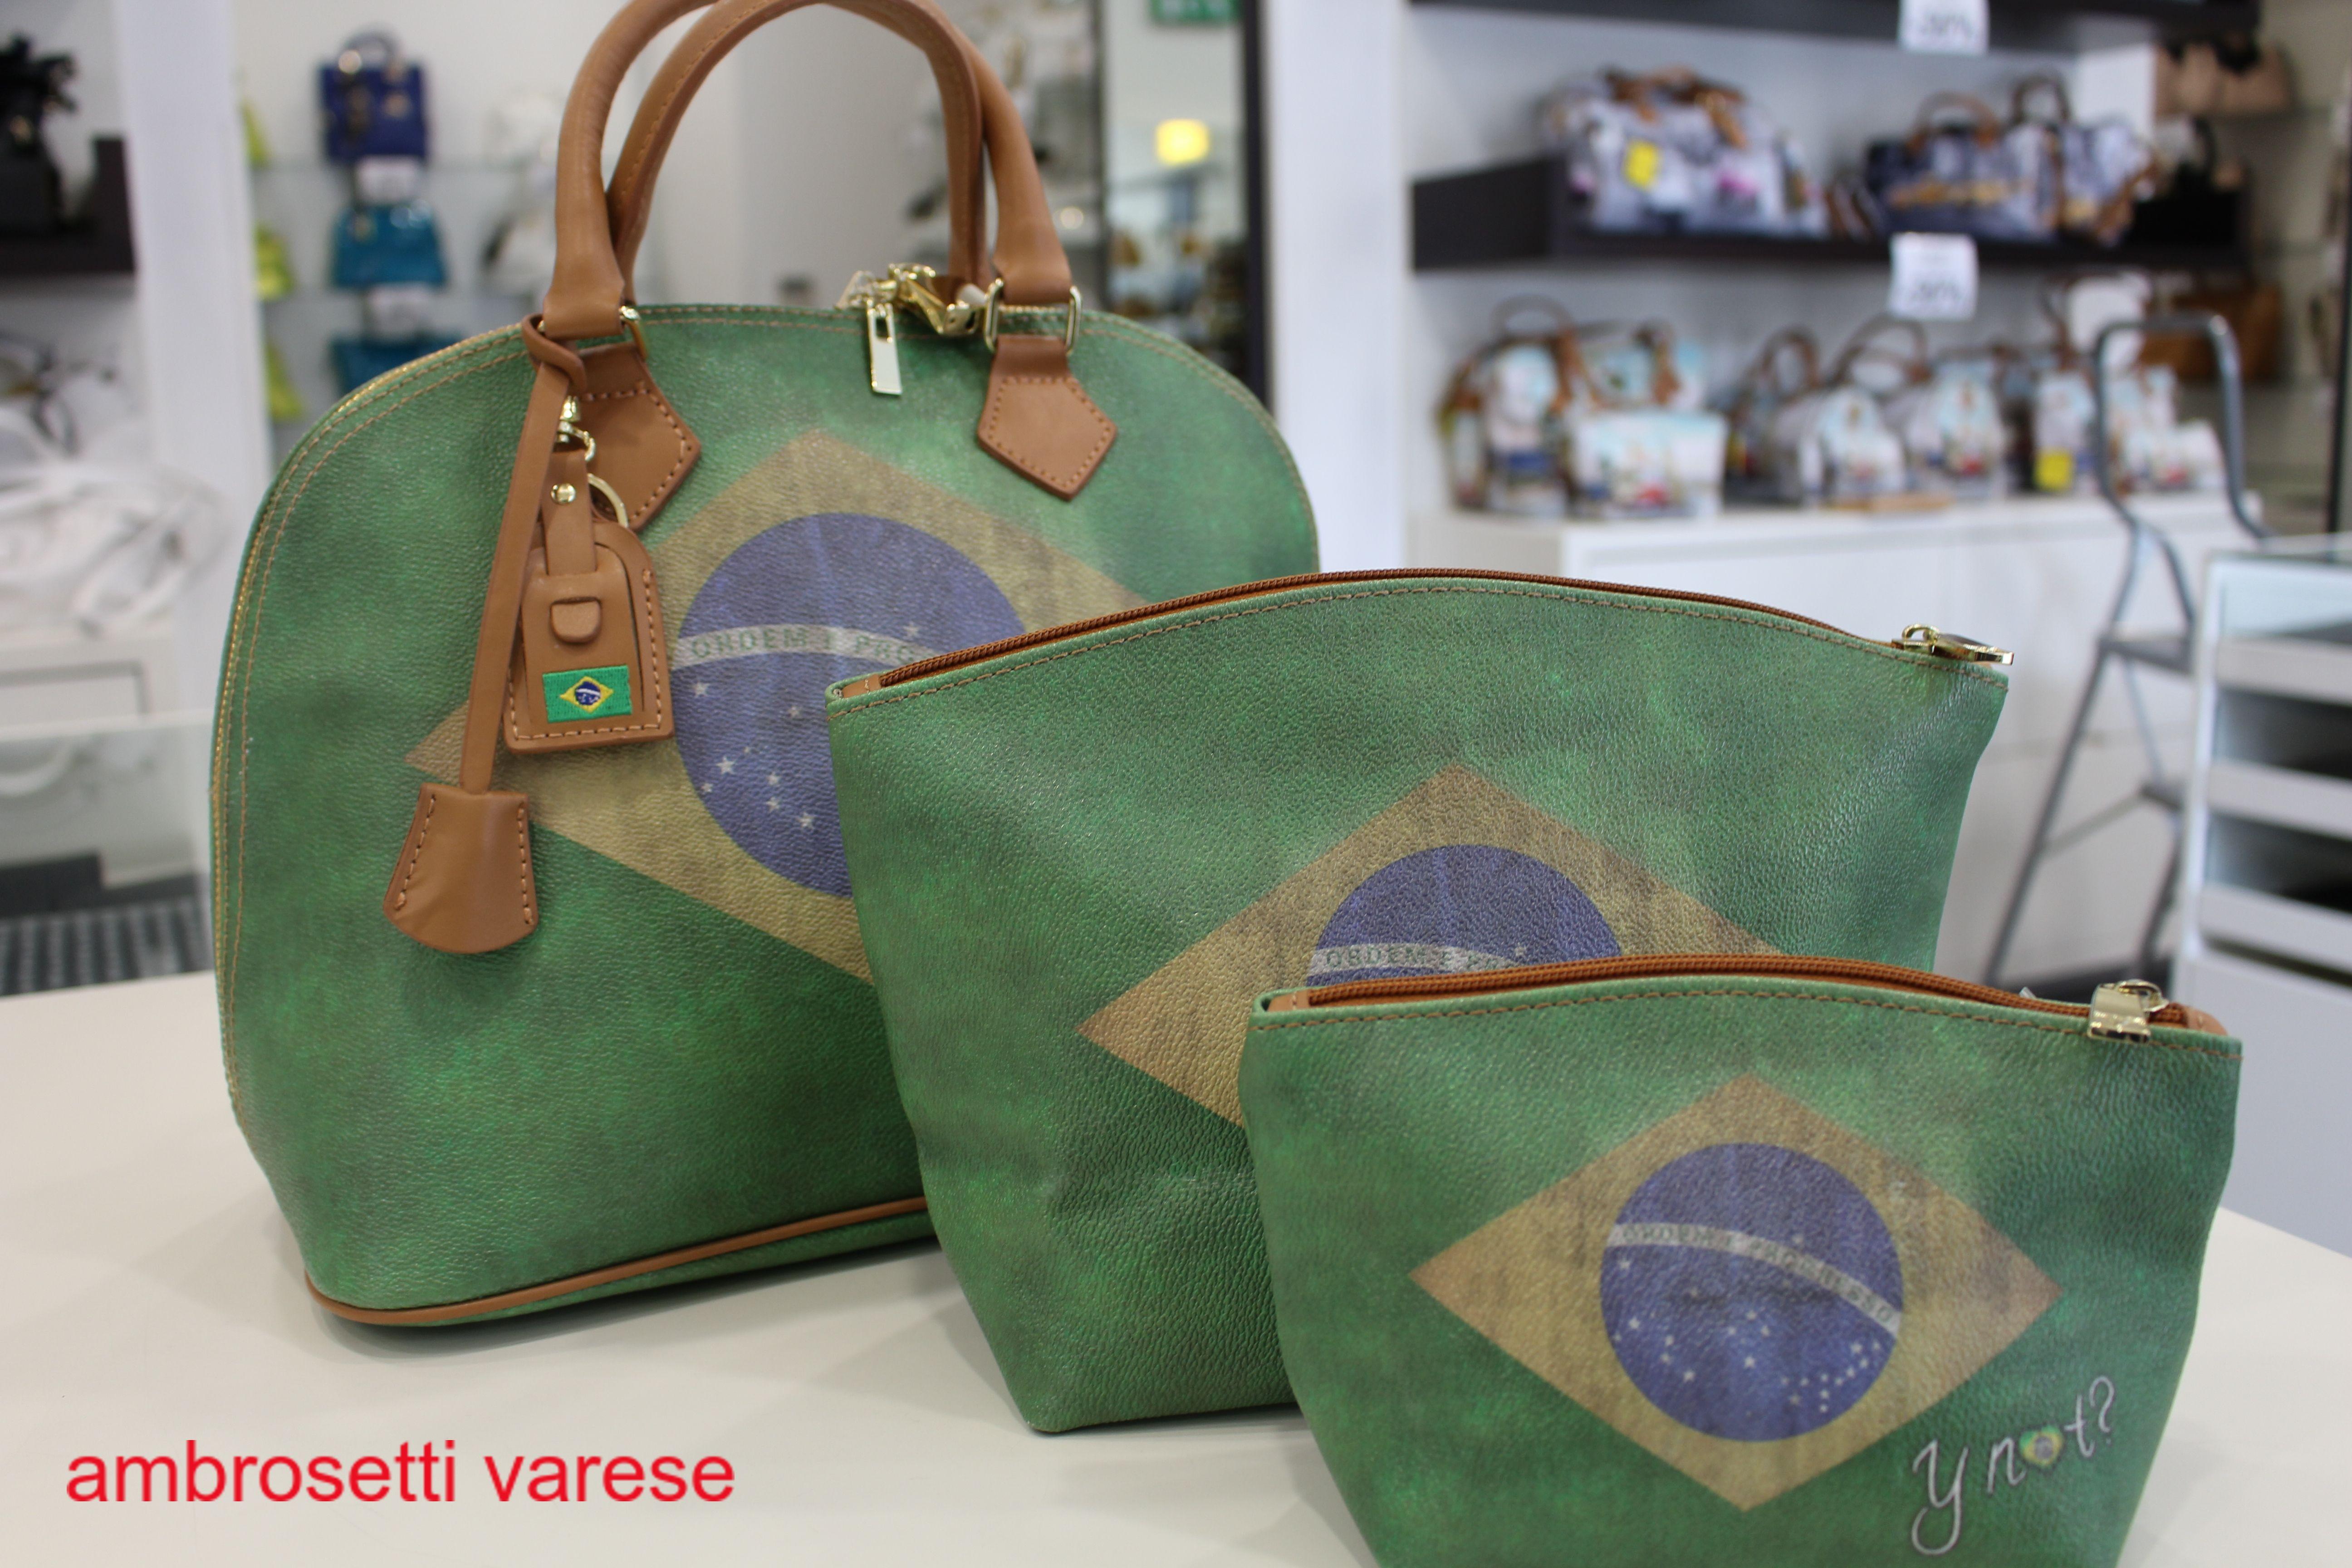 Mondiali in Brasile terminati  Ricordali con una borsa by Ynot ... 5f0f4491e74